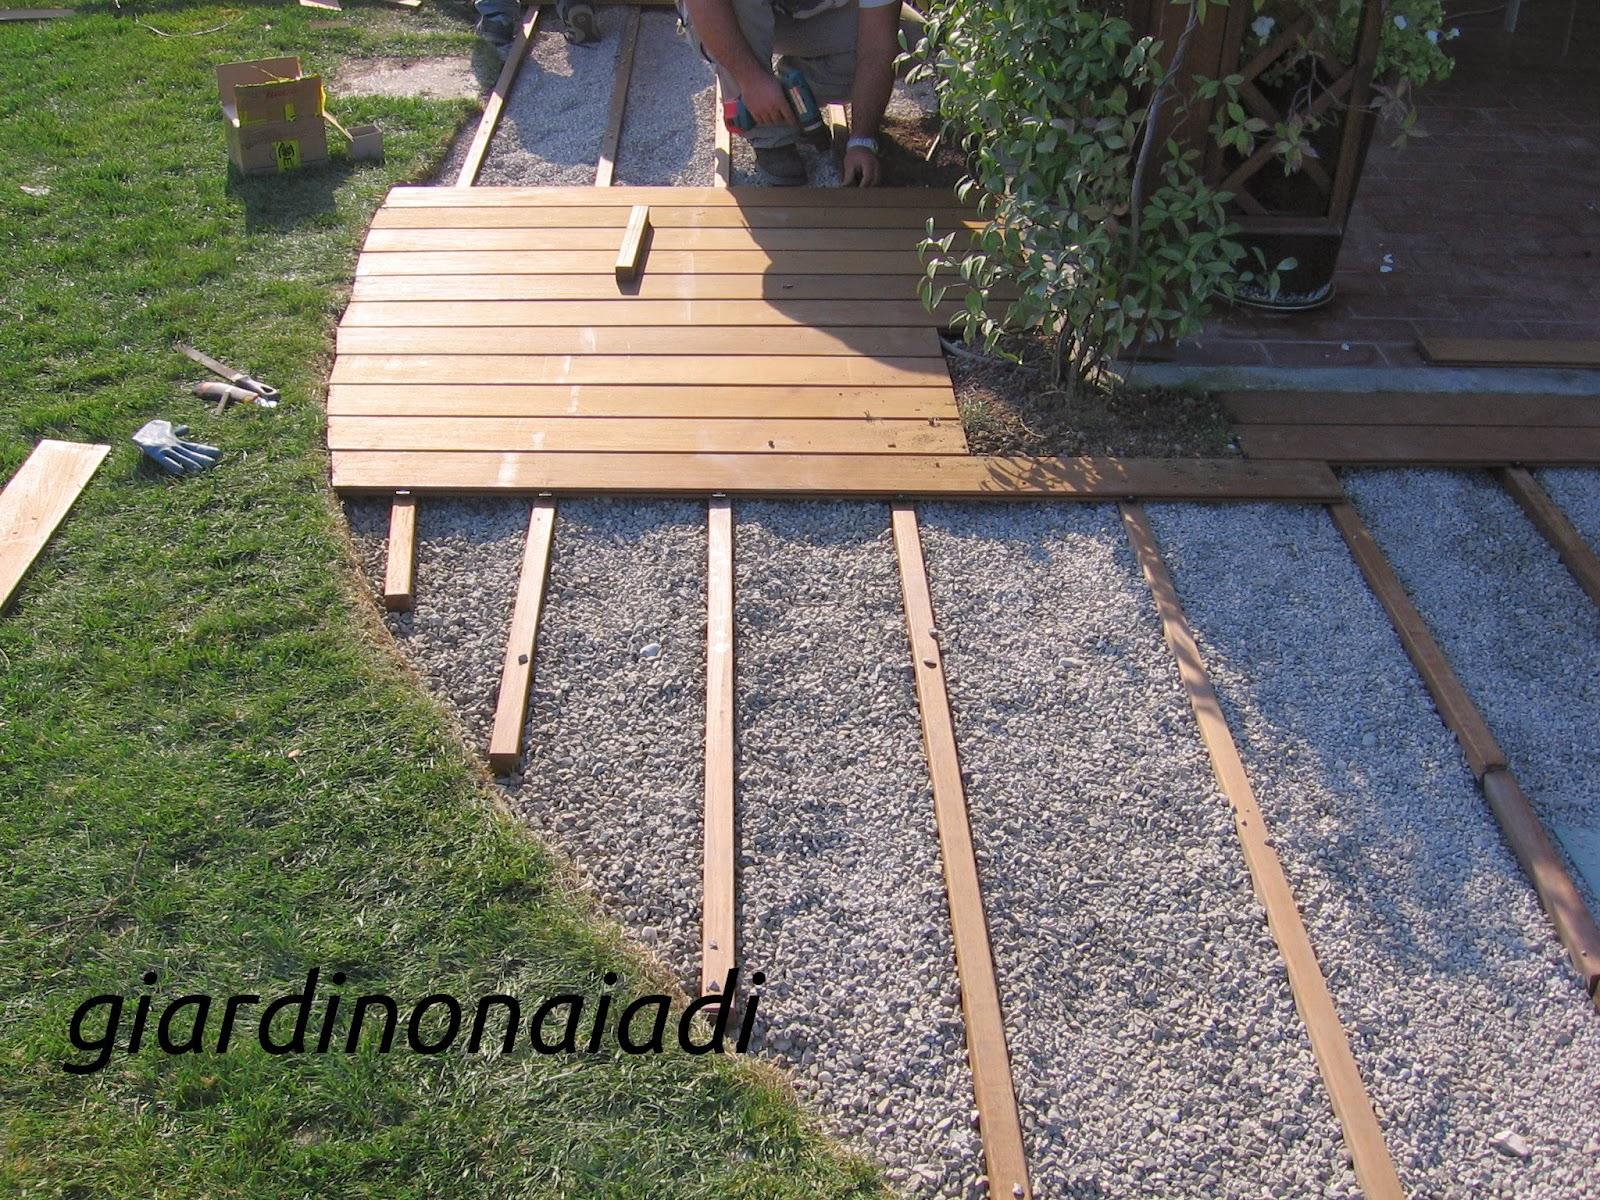 Il giardino delle naiadi due passi in giardino prima parte for Costruire un garage su un terreno in pendenza